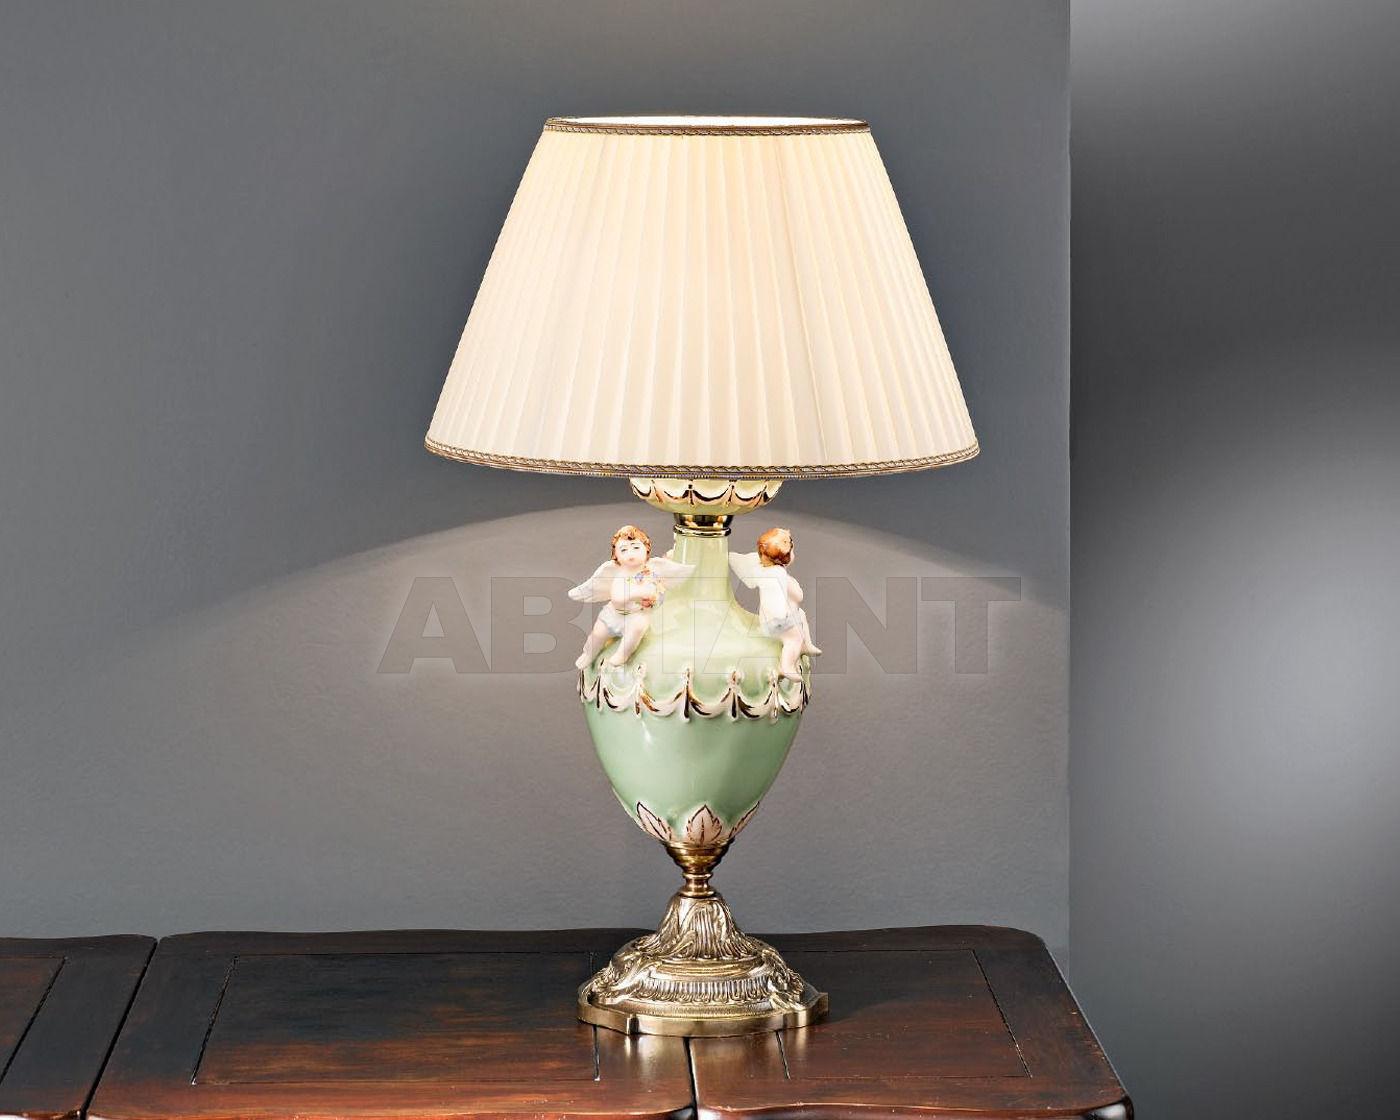 Купить Лампа настольная Nervilamp Snc Nervilamp 2013 935/1L/CG